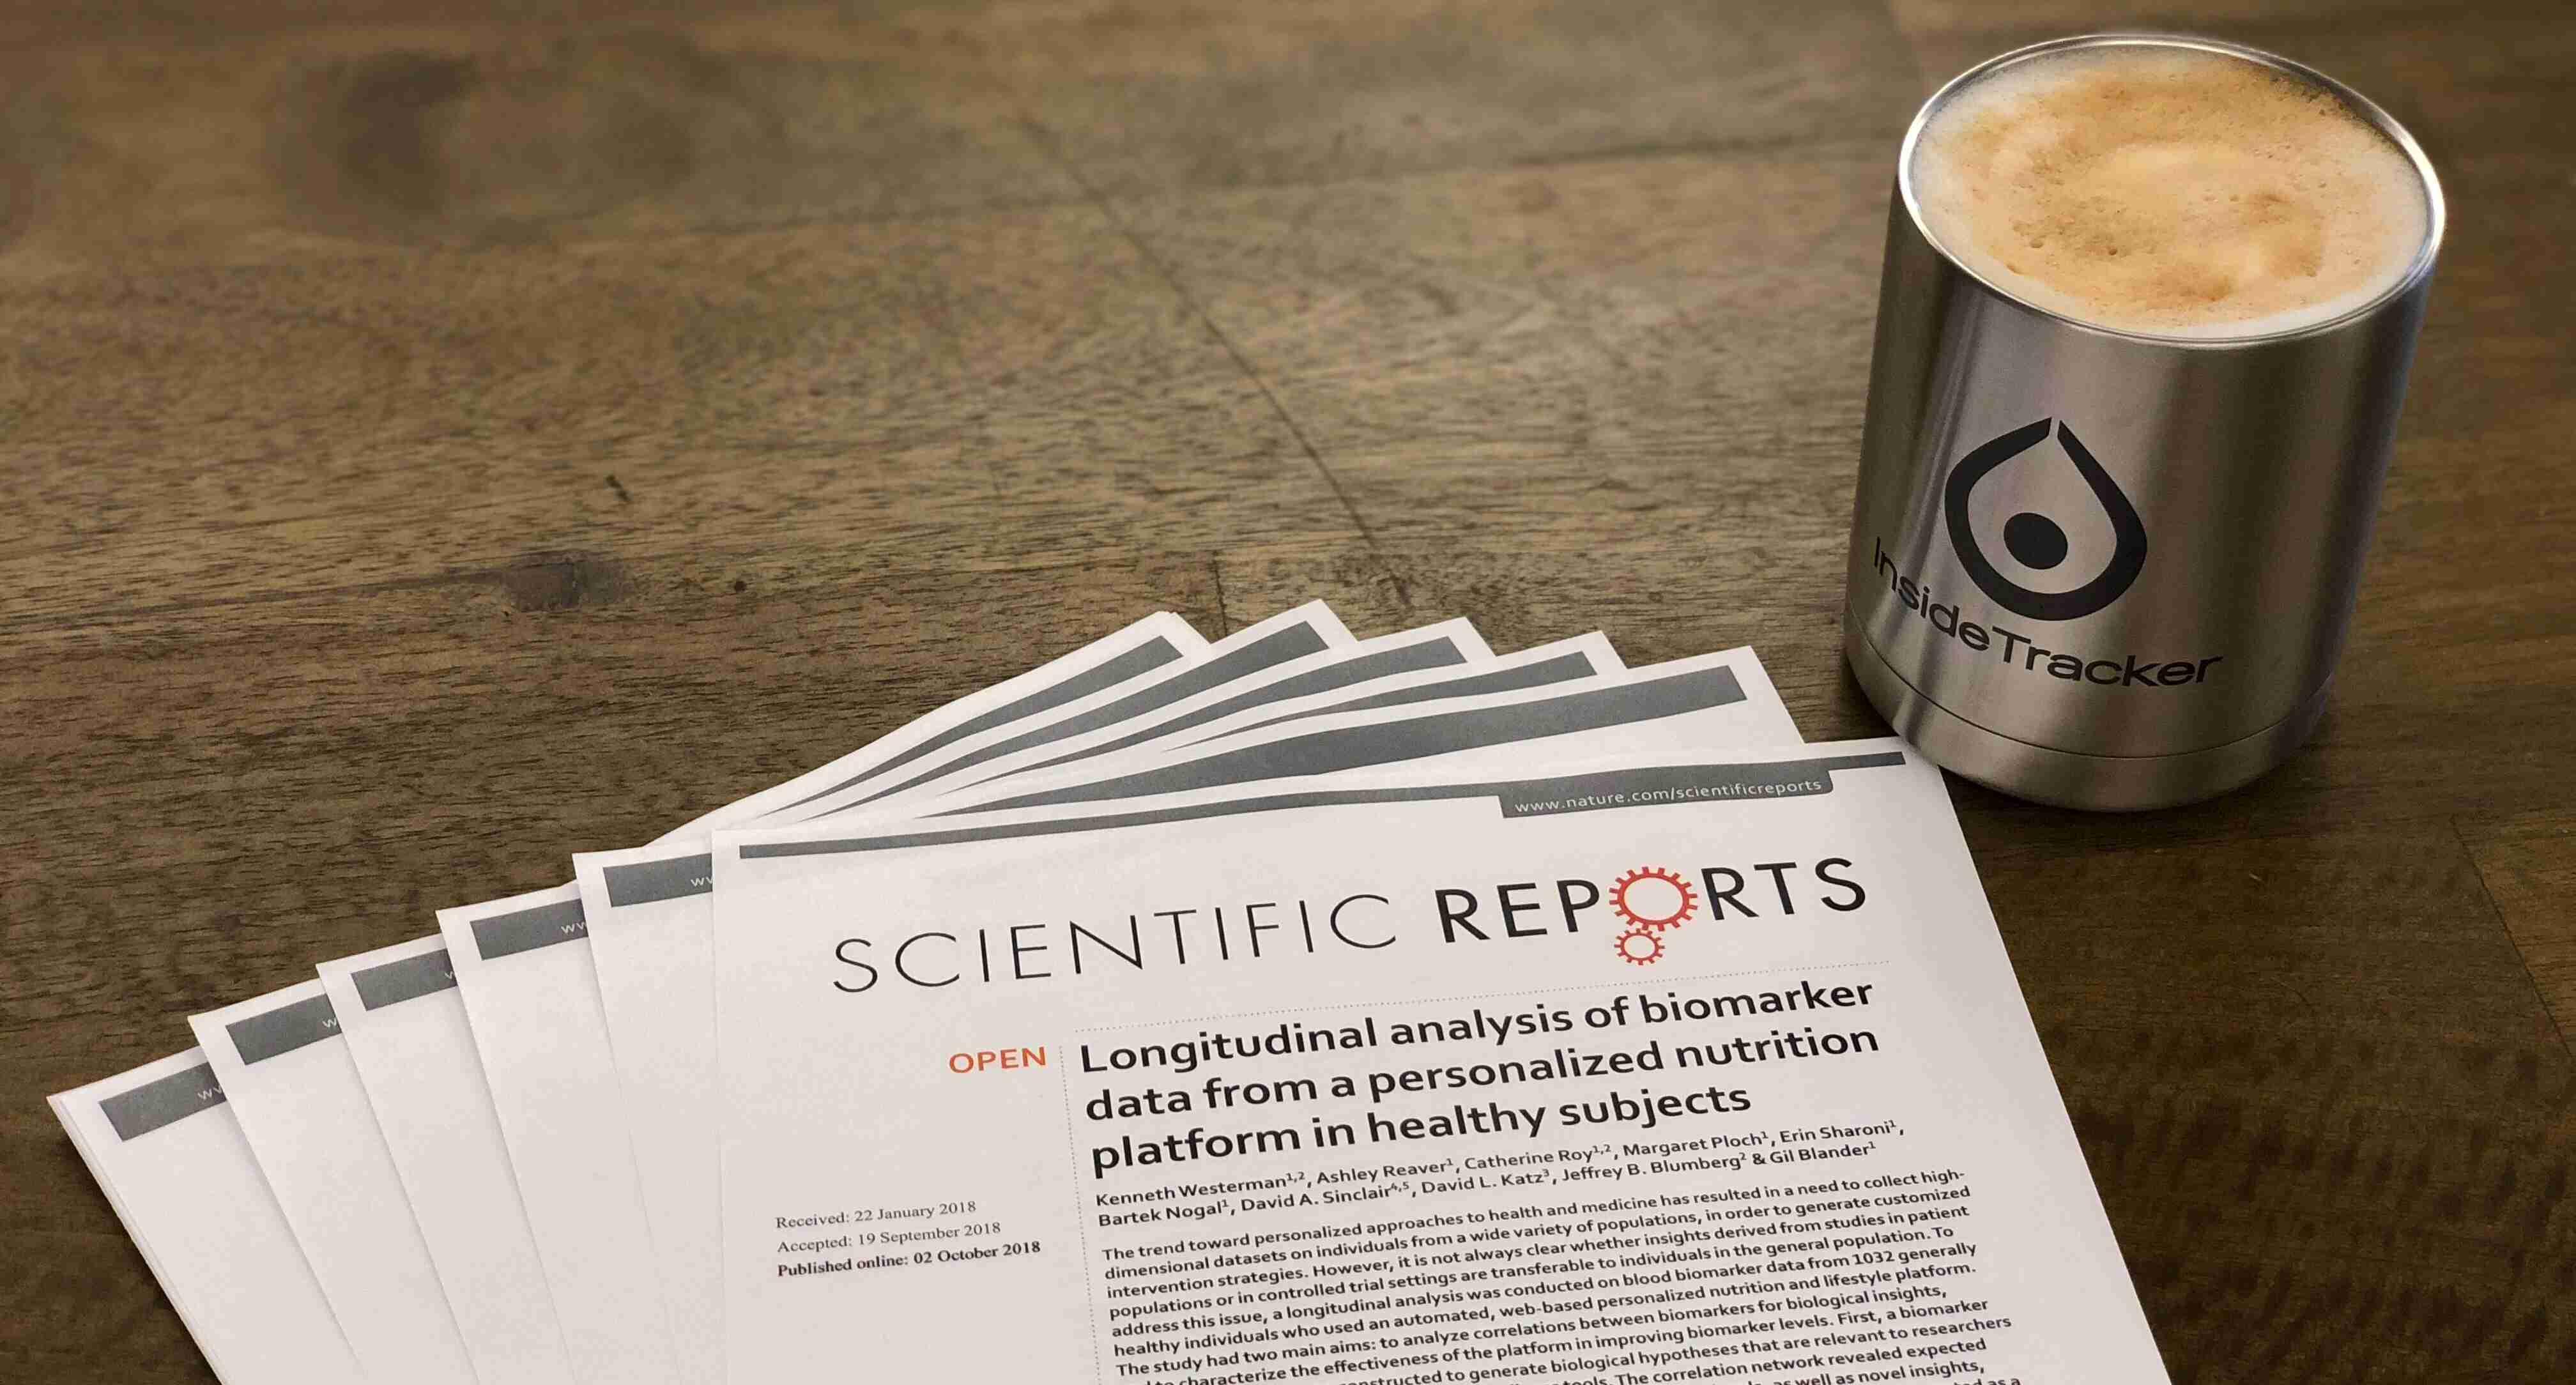 scientific reports paper blog image-401634-edited